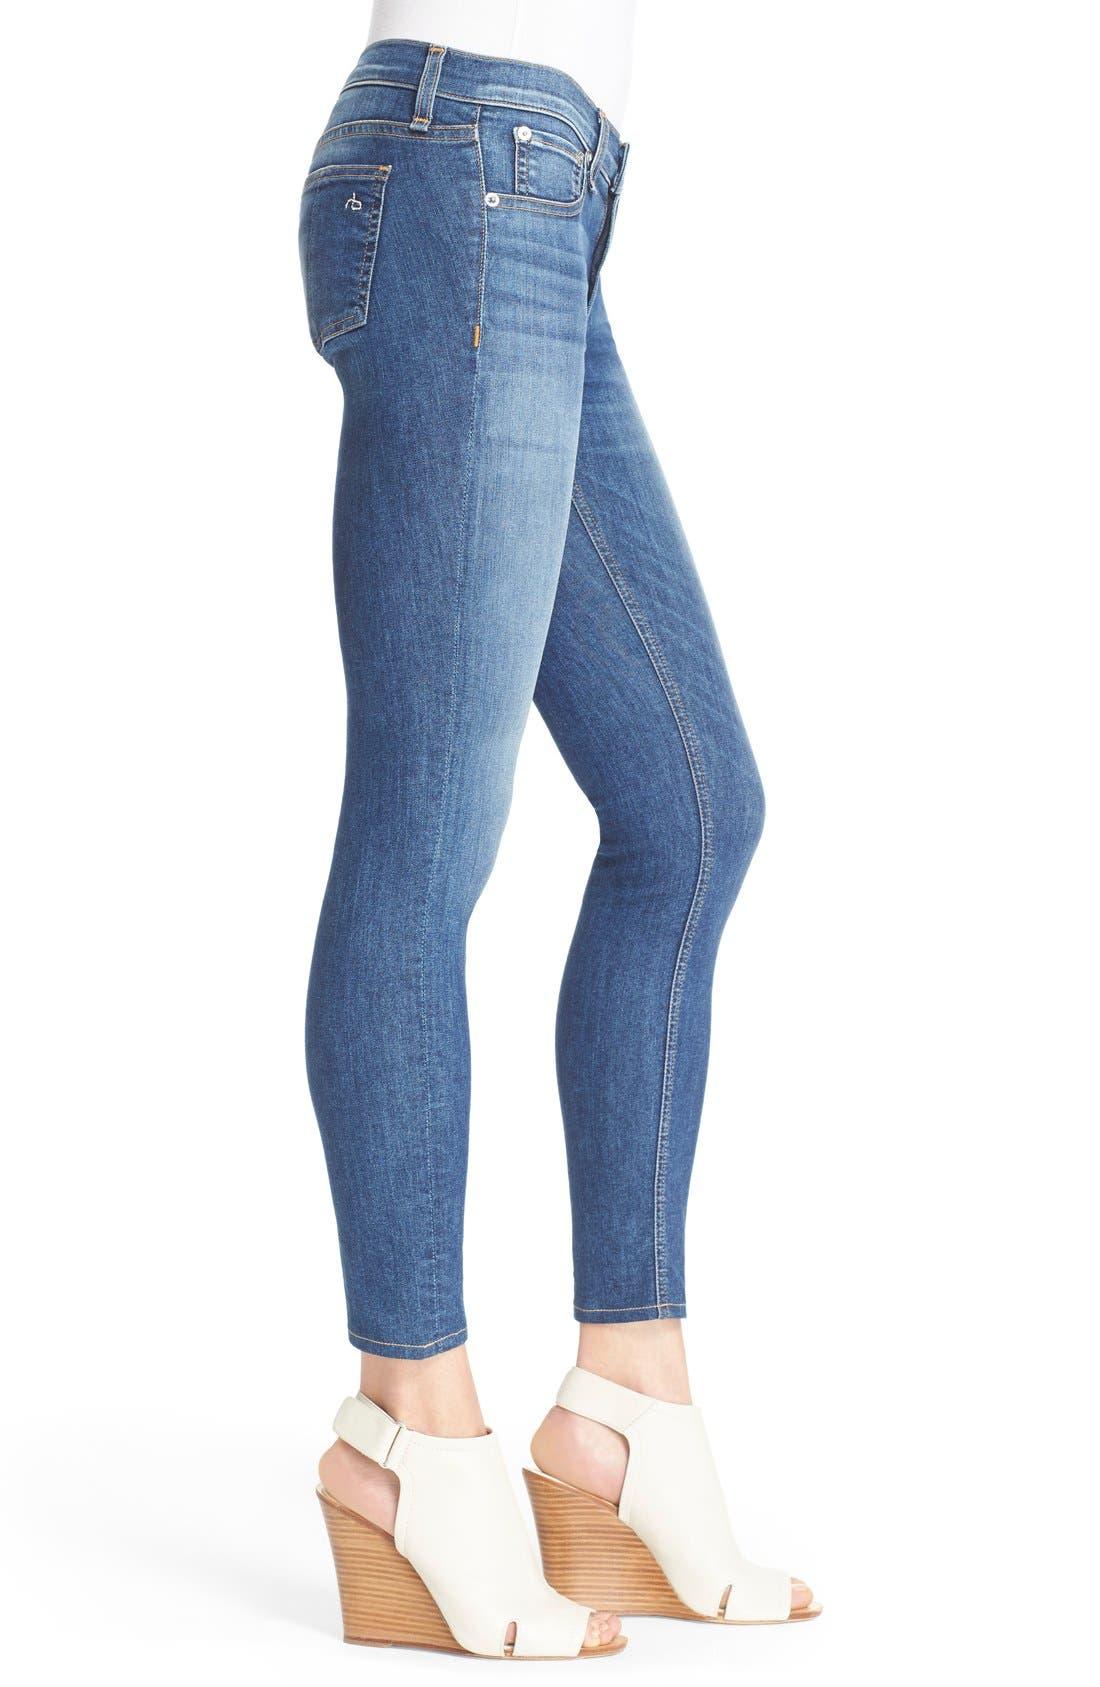 Capri Crop Skinny Jeans,                             Alternate thumbnail 7, color,                             RAE